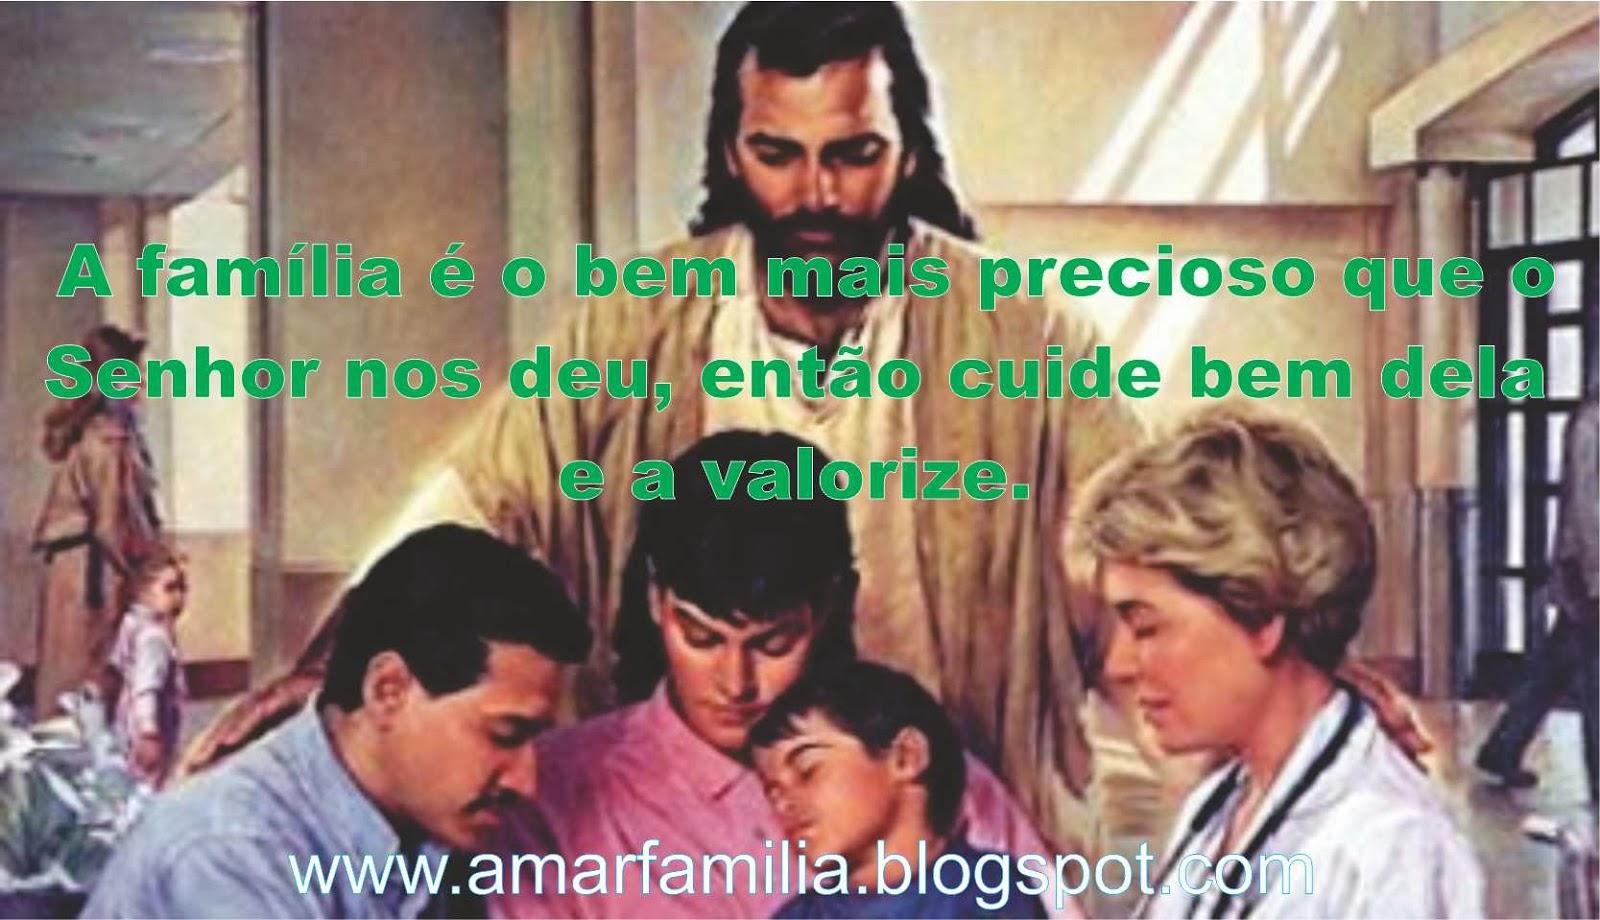 Mensagem Para Família O Bem Mais Precioso Que Deus Nos: EU AMO A MINHA FAMÍLIA.: VALORIZE SUA FAMÍLIA